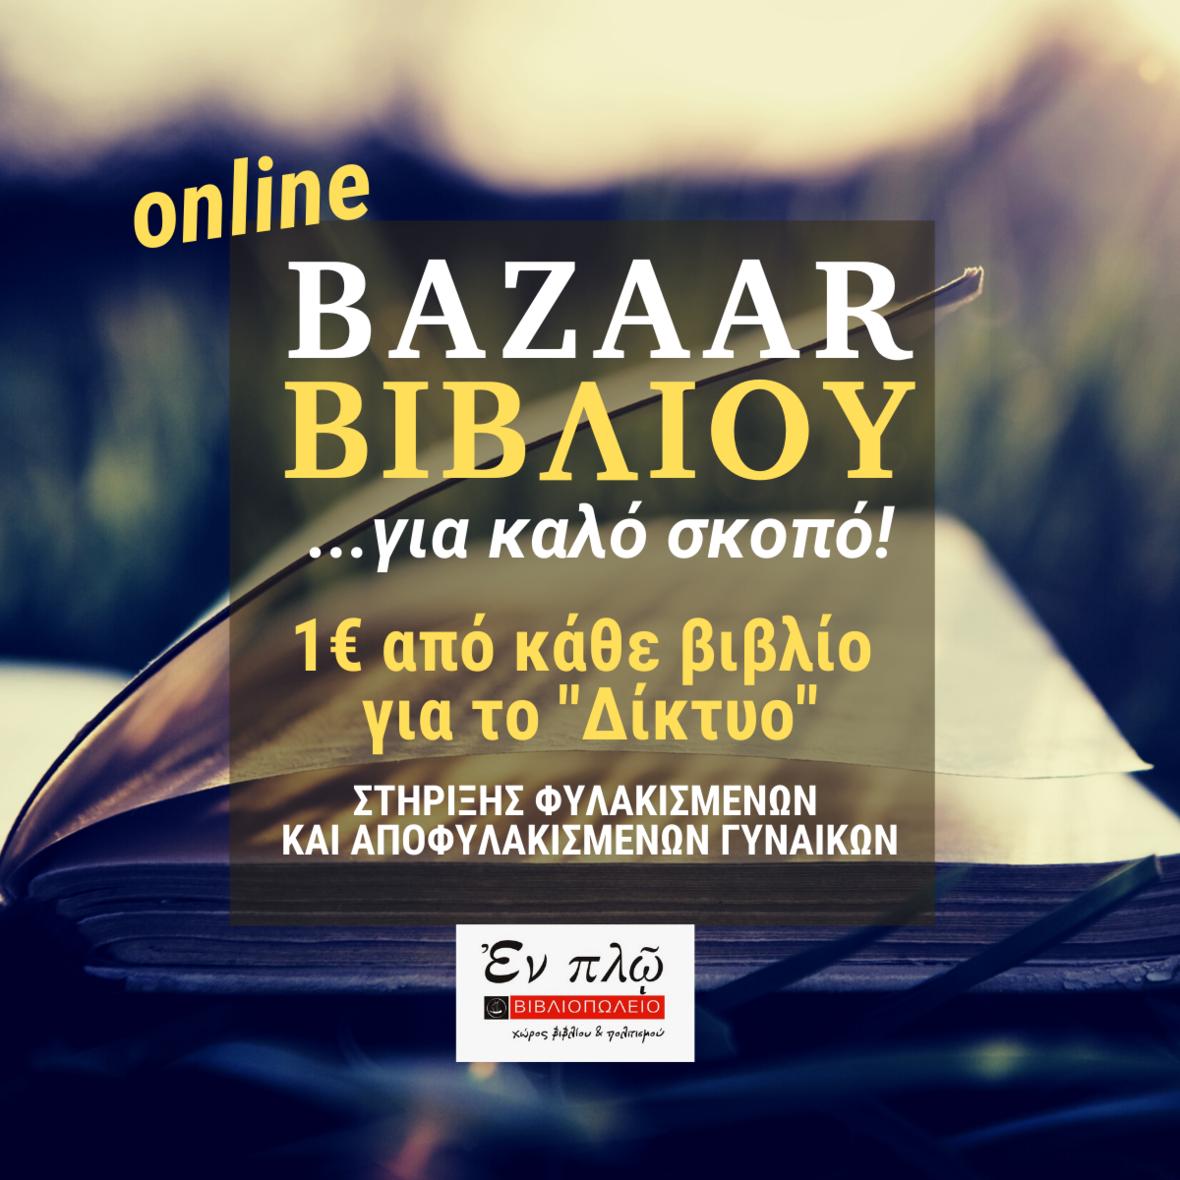 online bazaar 2